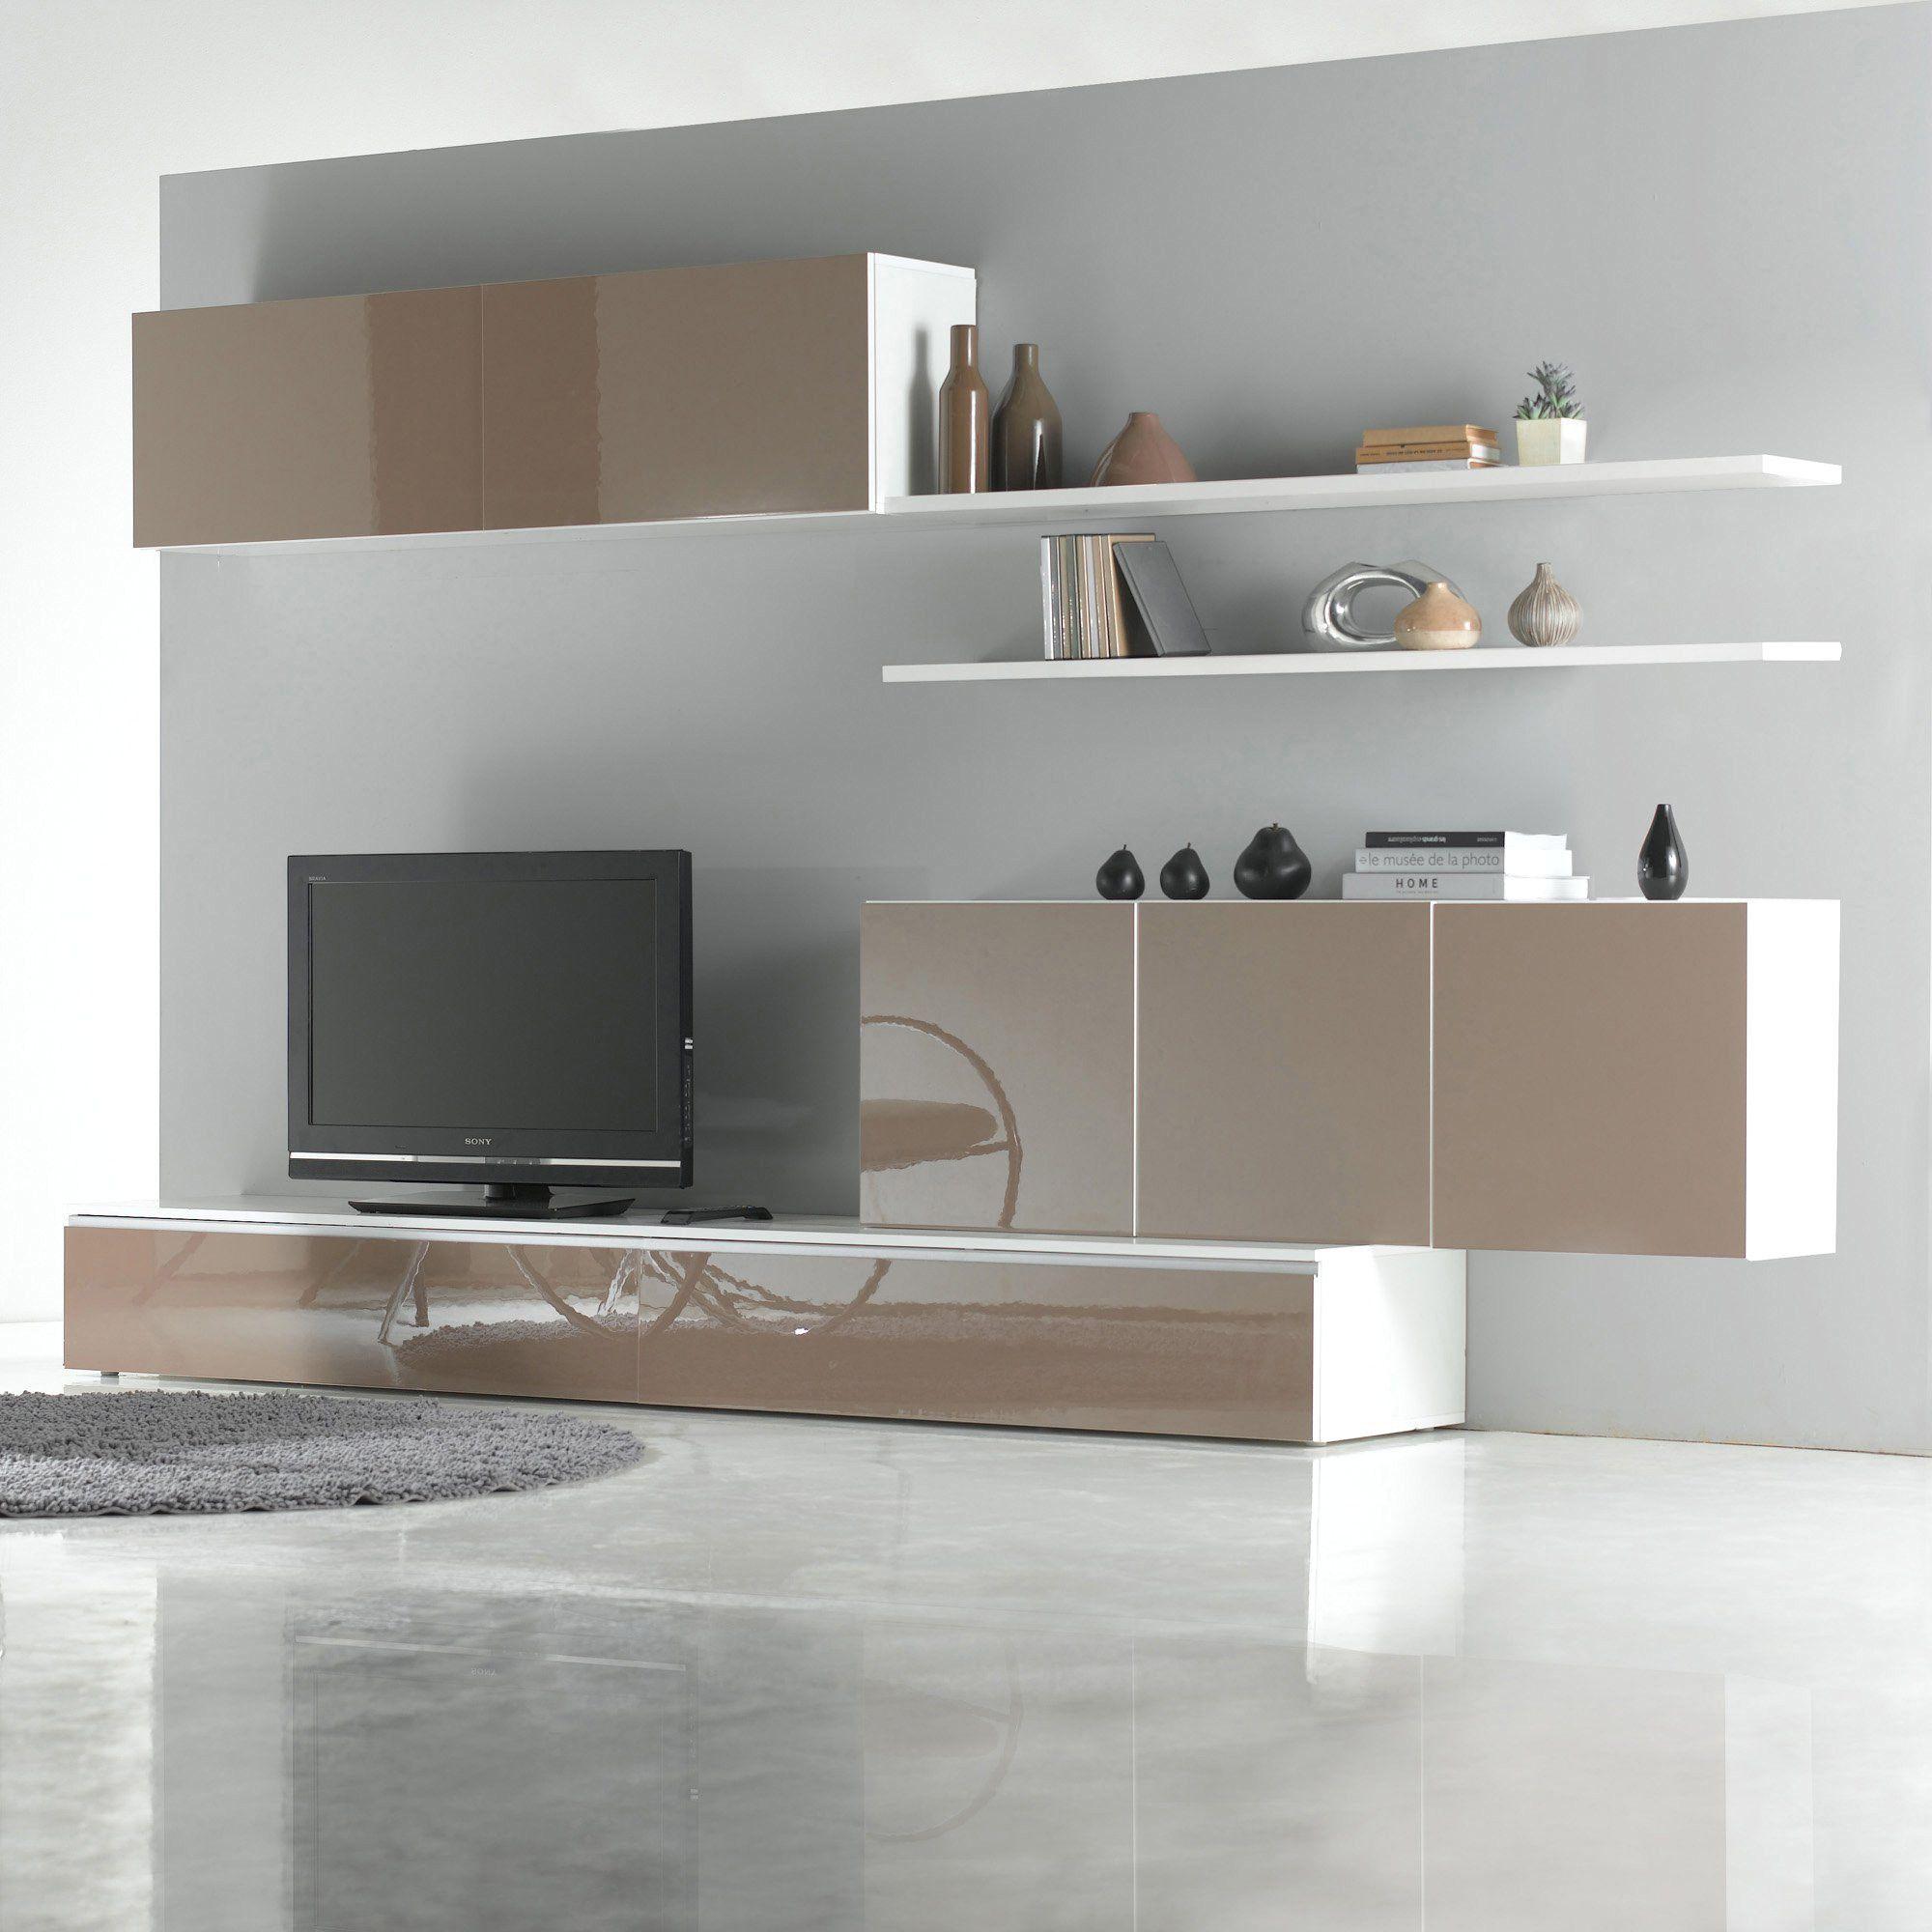 Salon Mobilier De Jardin Pas Cher A Prix Auchan En 2020 Idee Meuble Tv Mobilier De Salon Meuble Tv Design